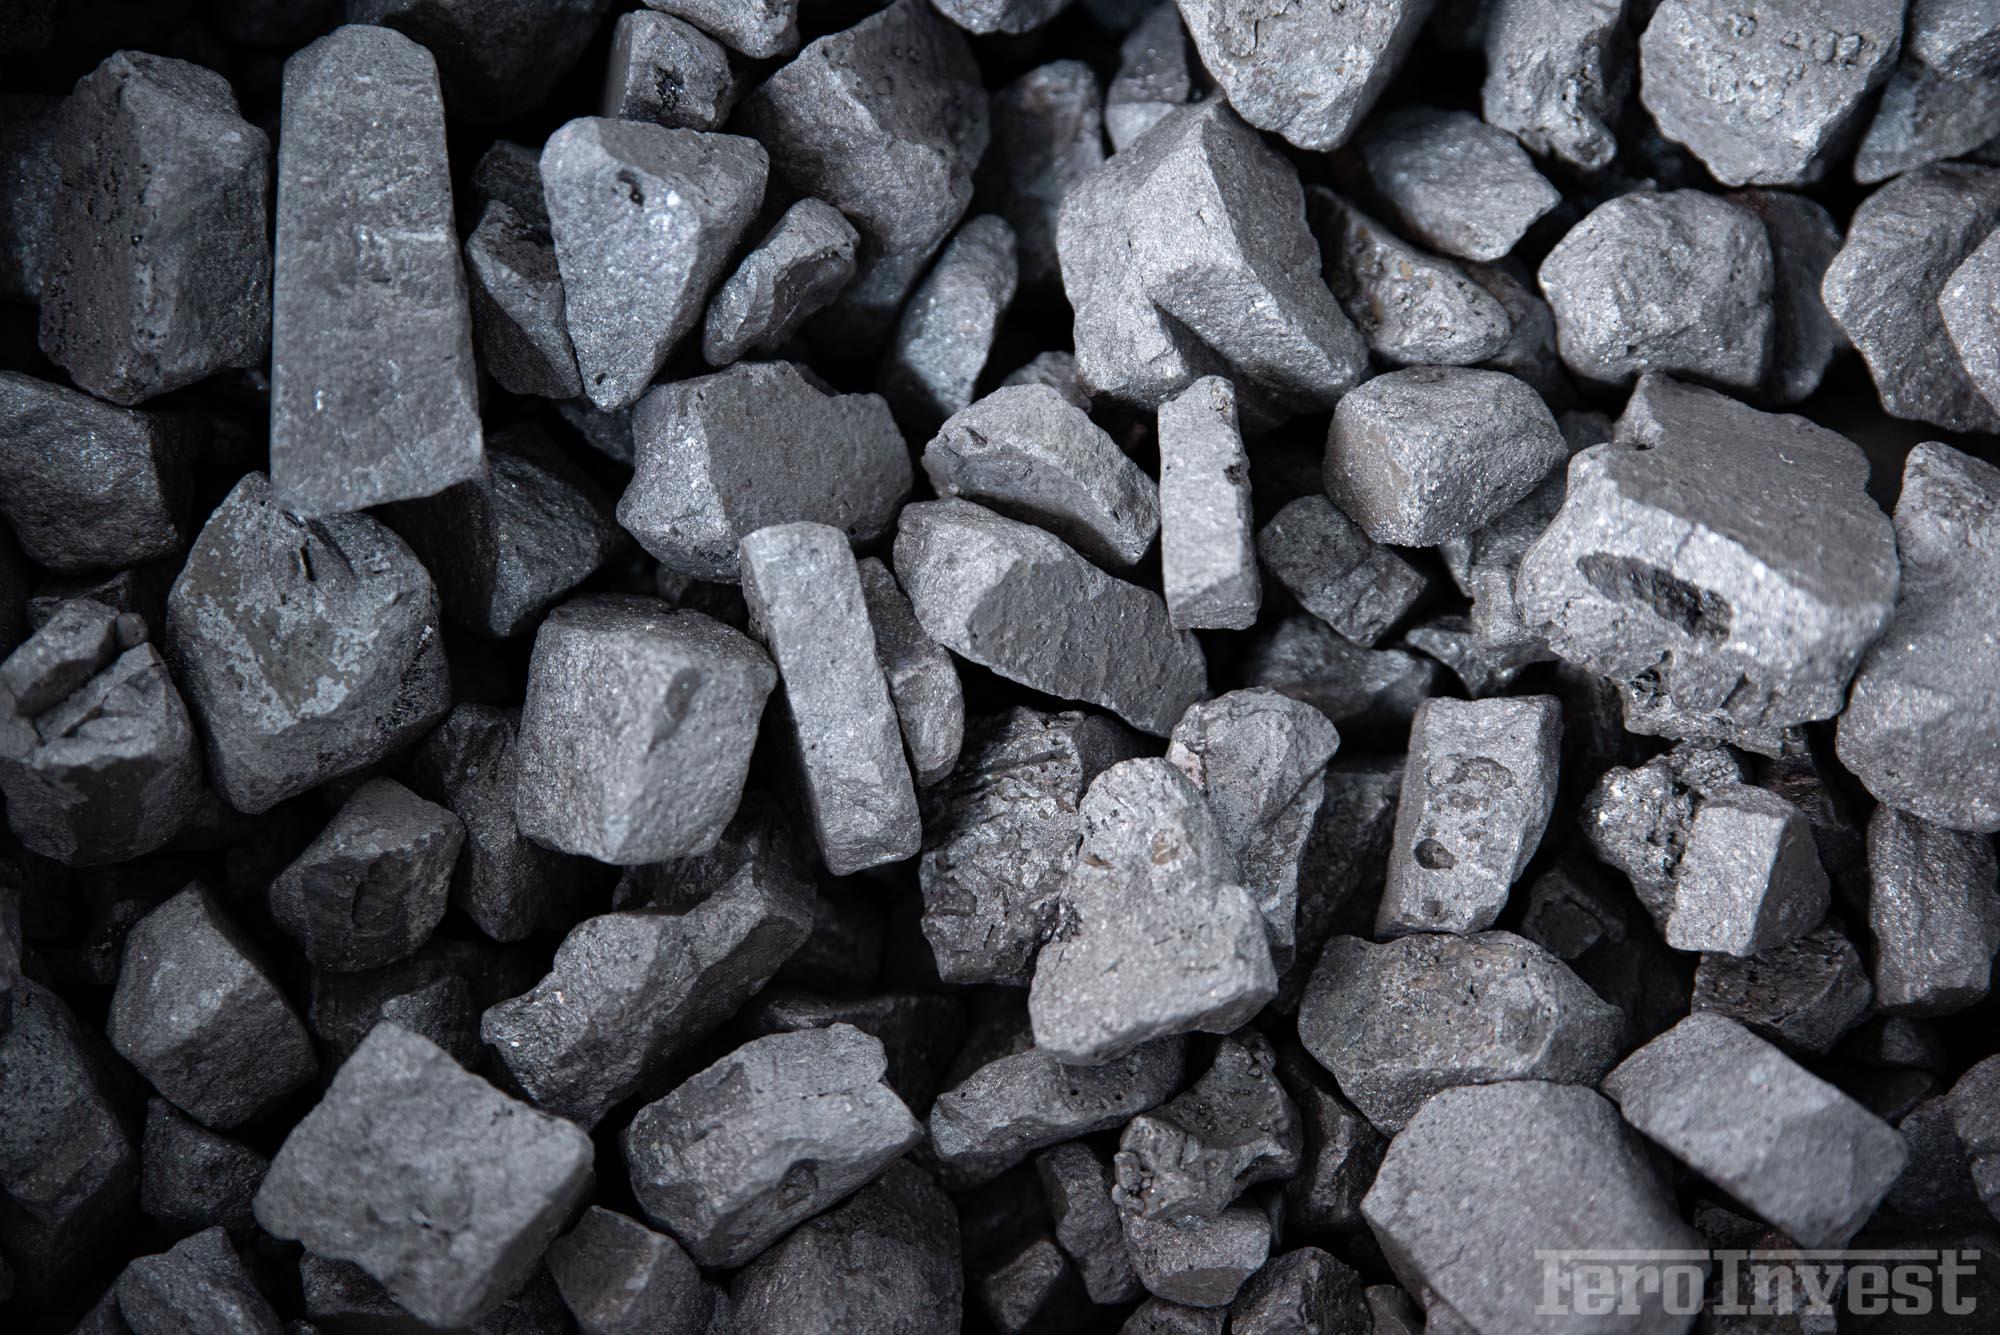 Ferroalloys for sale